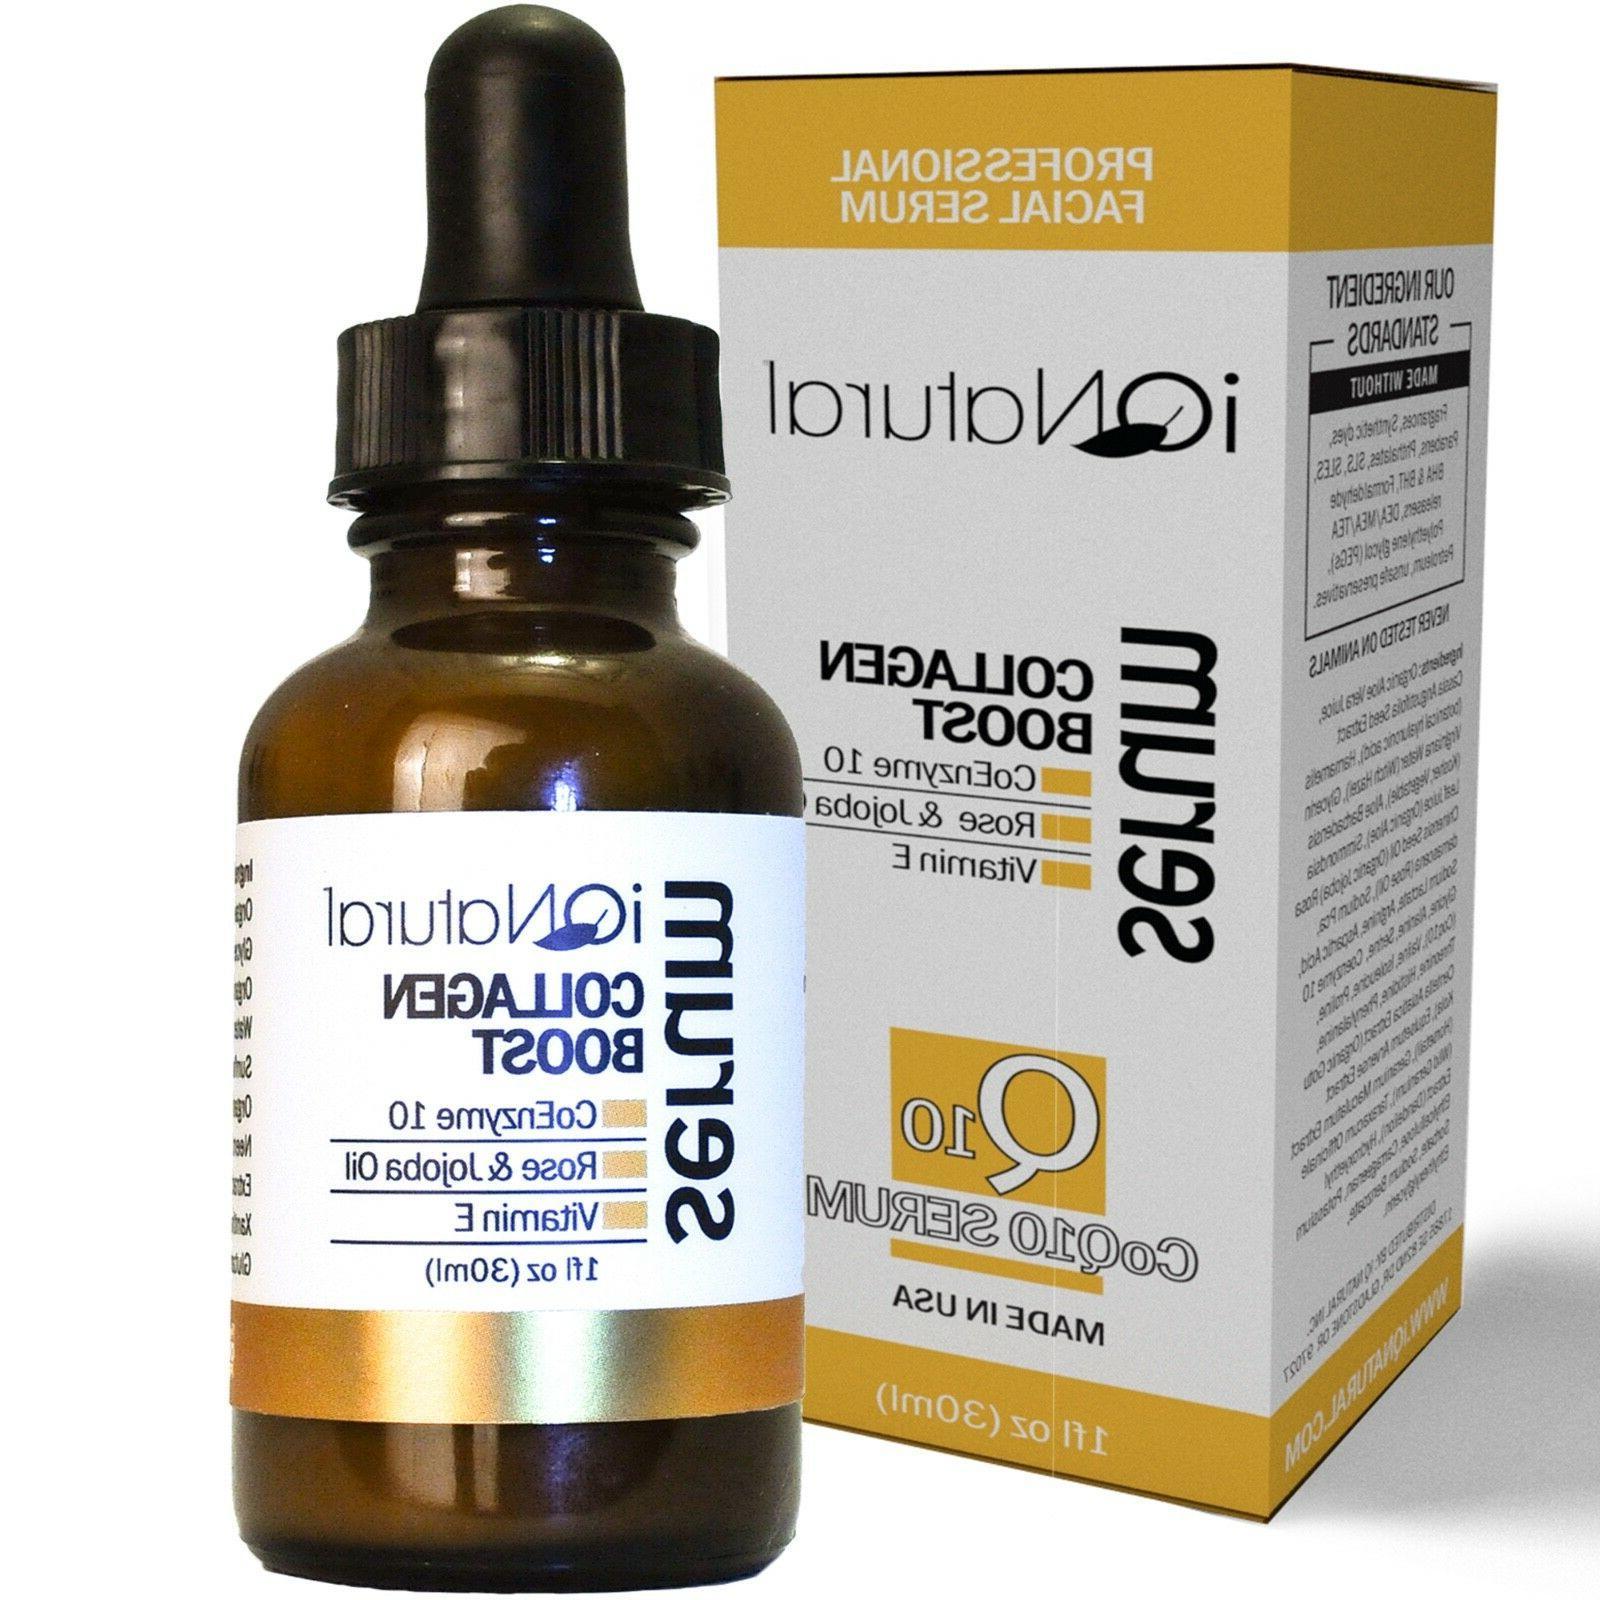 collagen facial firming serum peptide